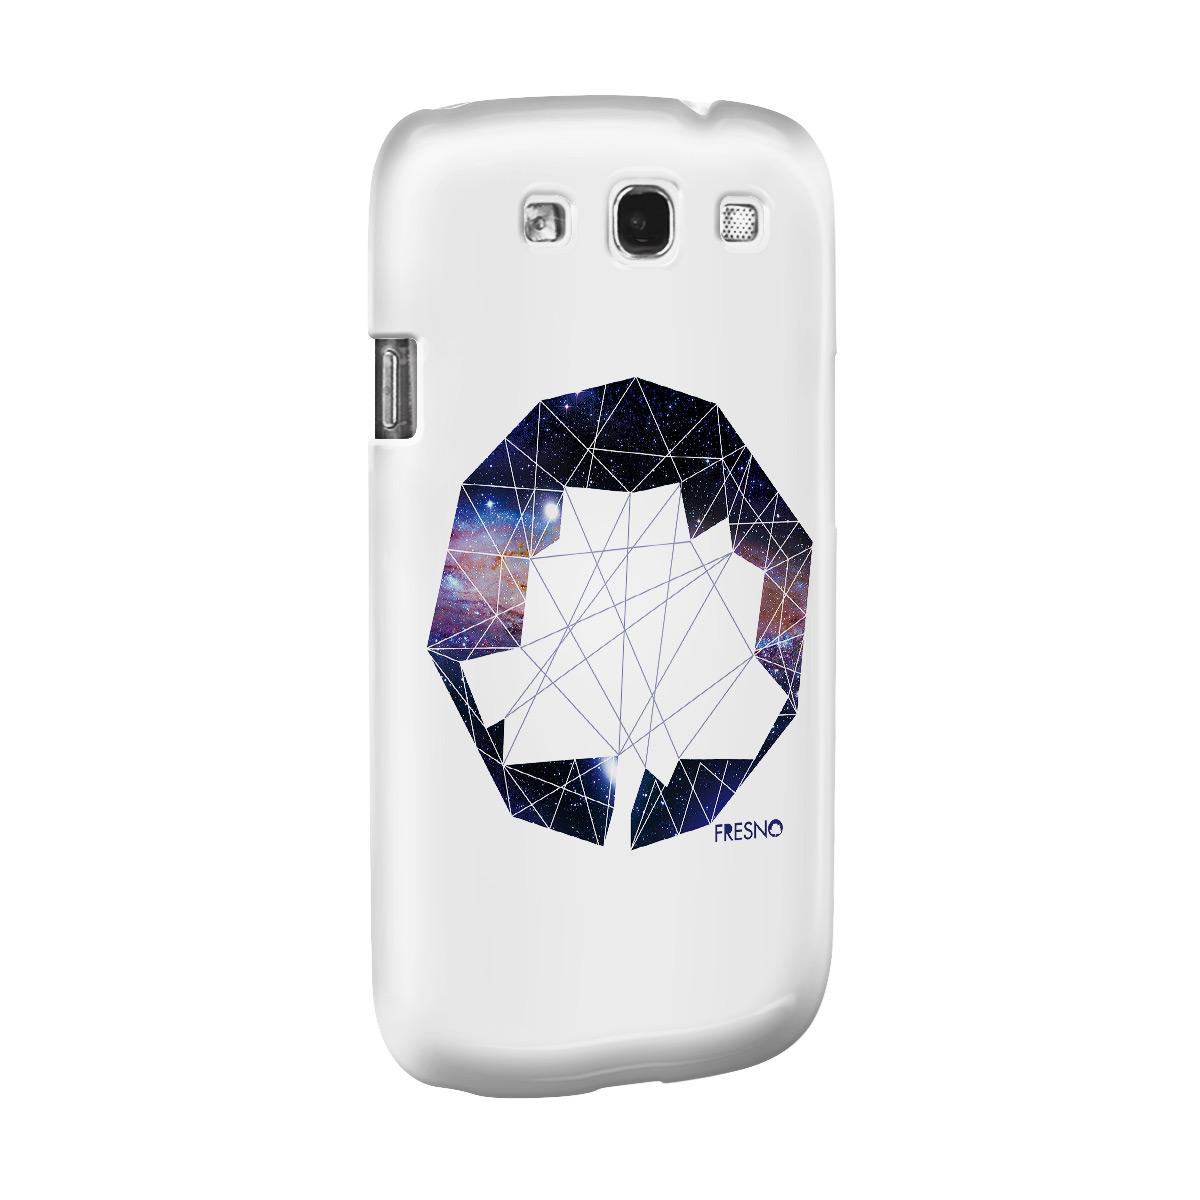 Capa de Celular Samsung Galaxy S3 Fresno Logo Galáxias